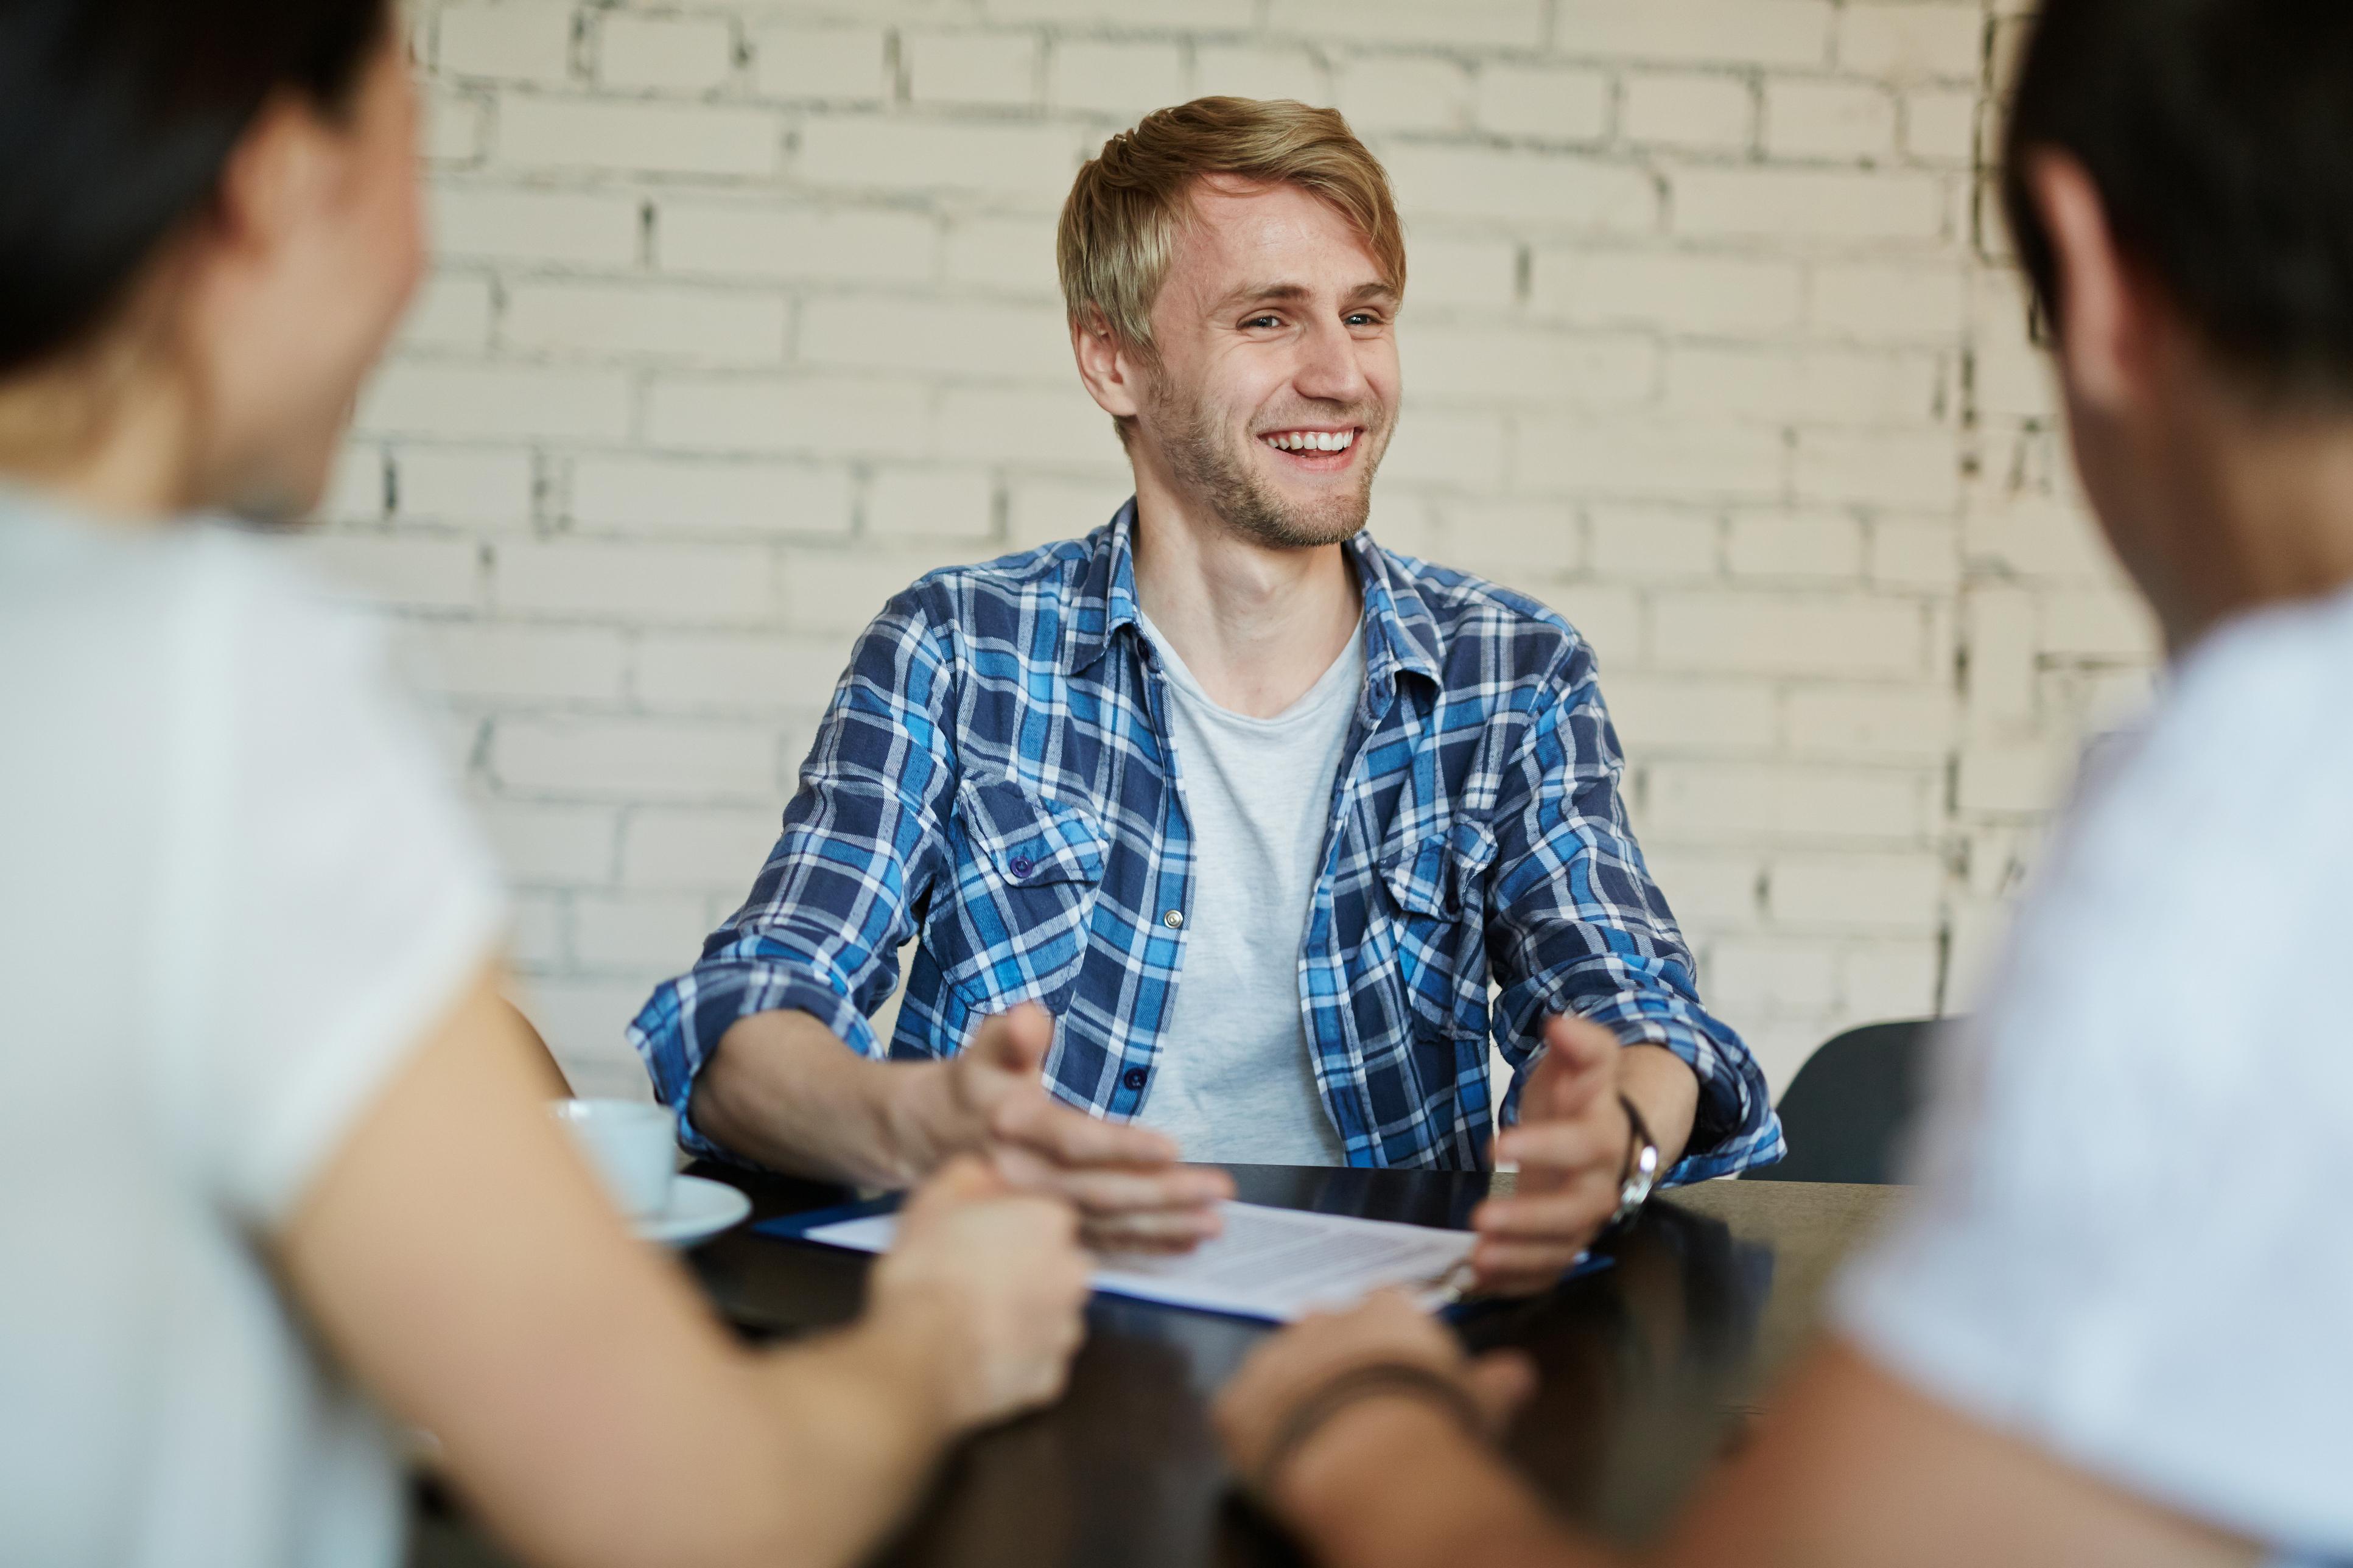 S-ryhmä löysi sopivat kesätyöntekijät pikahaastattelujen avulla. Kuva: iStock